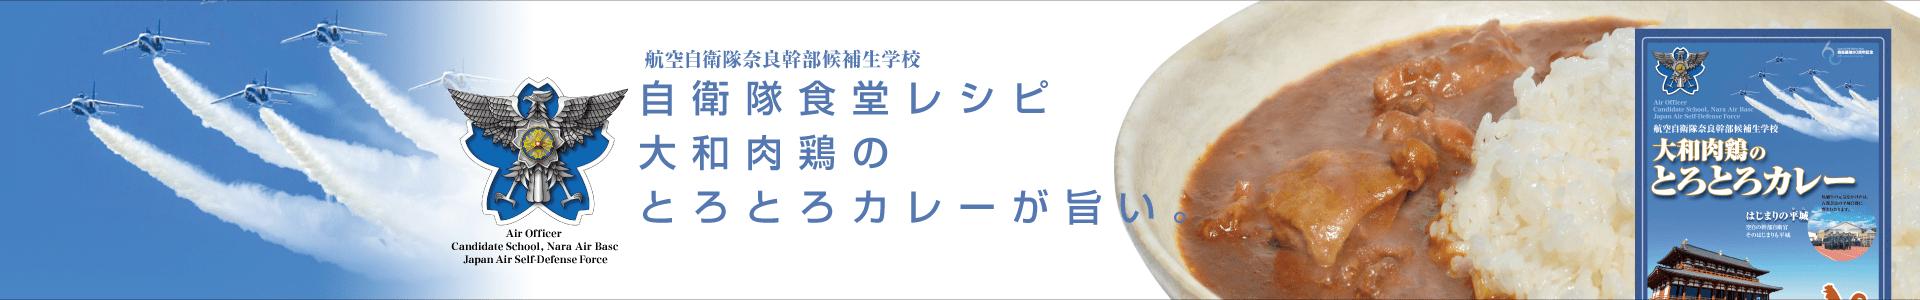 パーマリンク先: 航空自衛隊奈良幹部候補生学校「大和肉鶏のとろとろカレー」